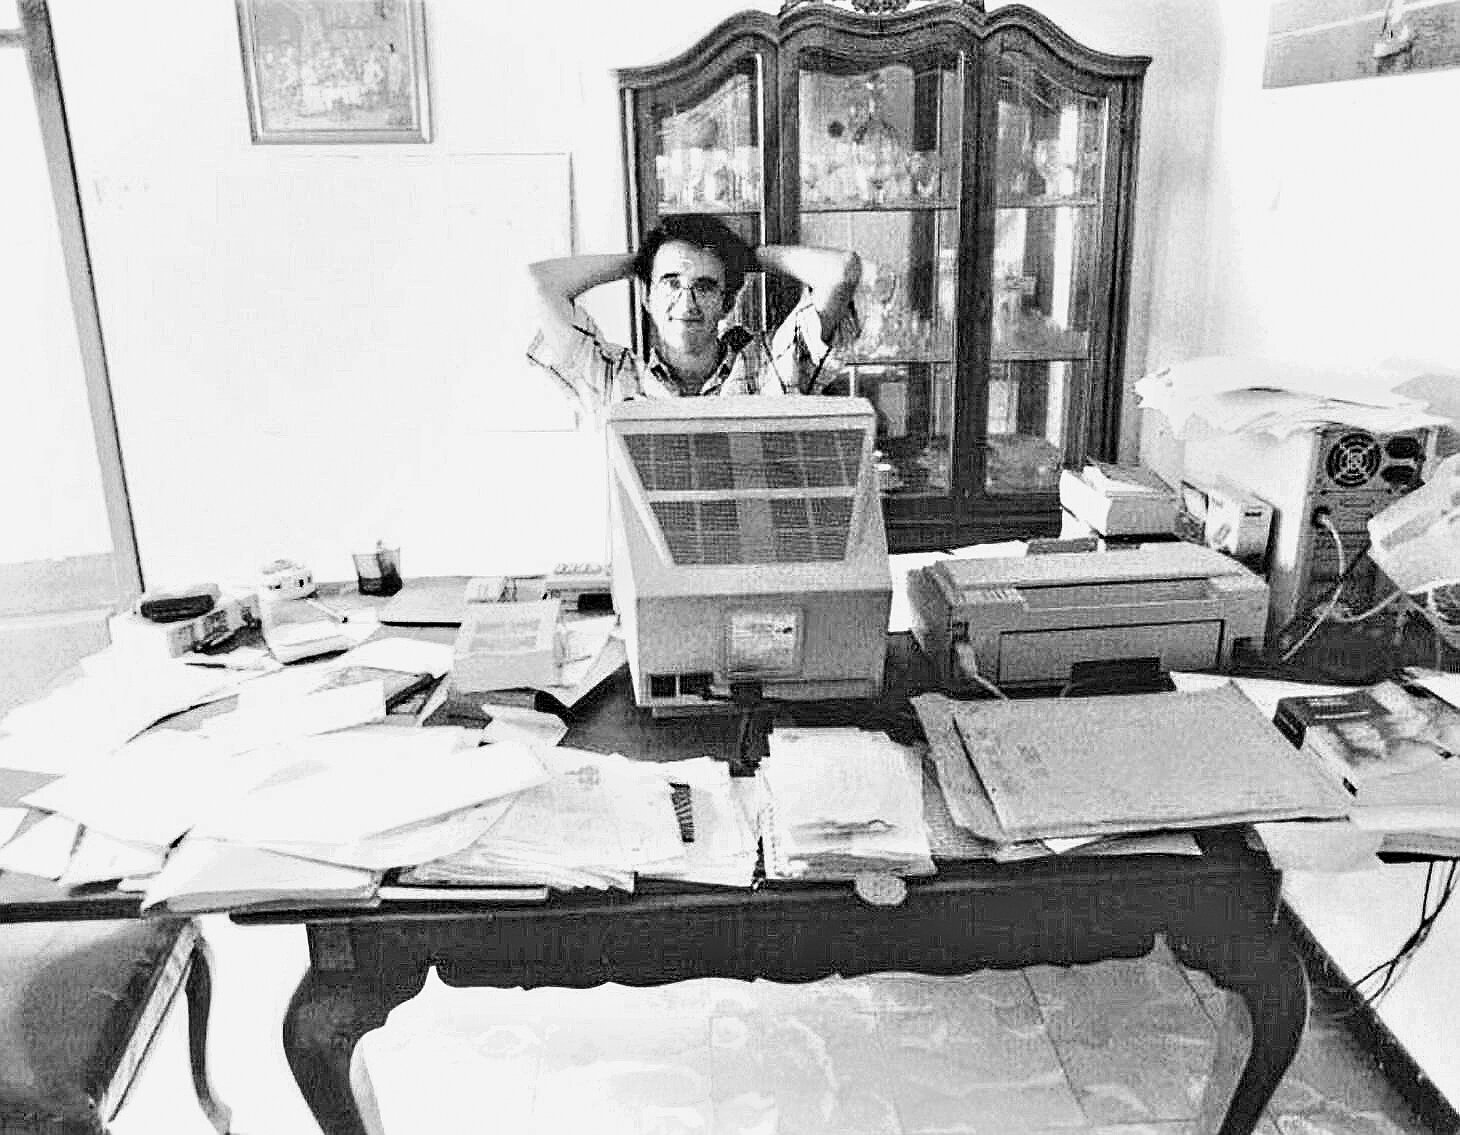 Roberto Bolaño (1953 - 2003)